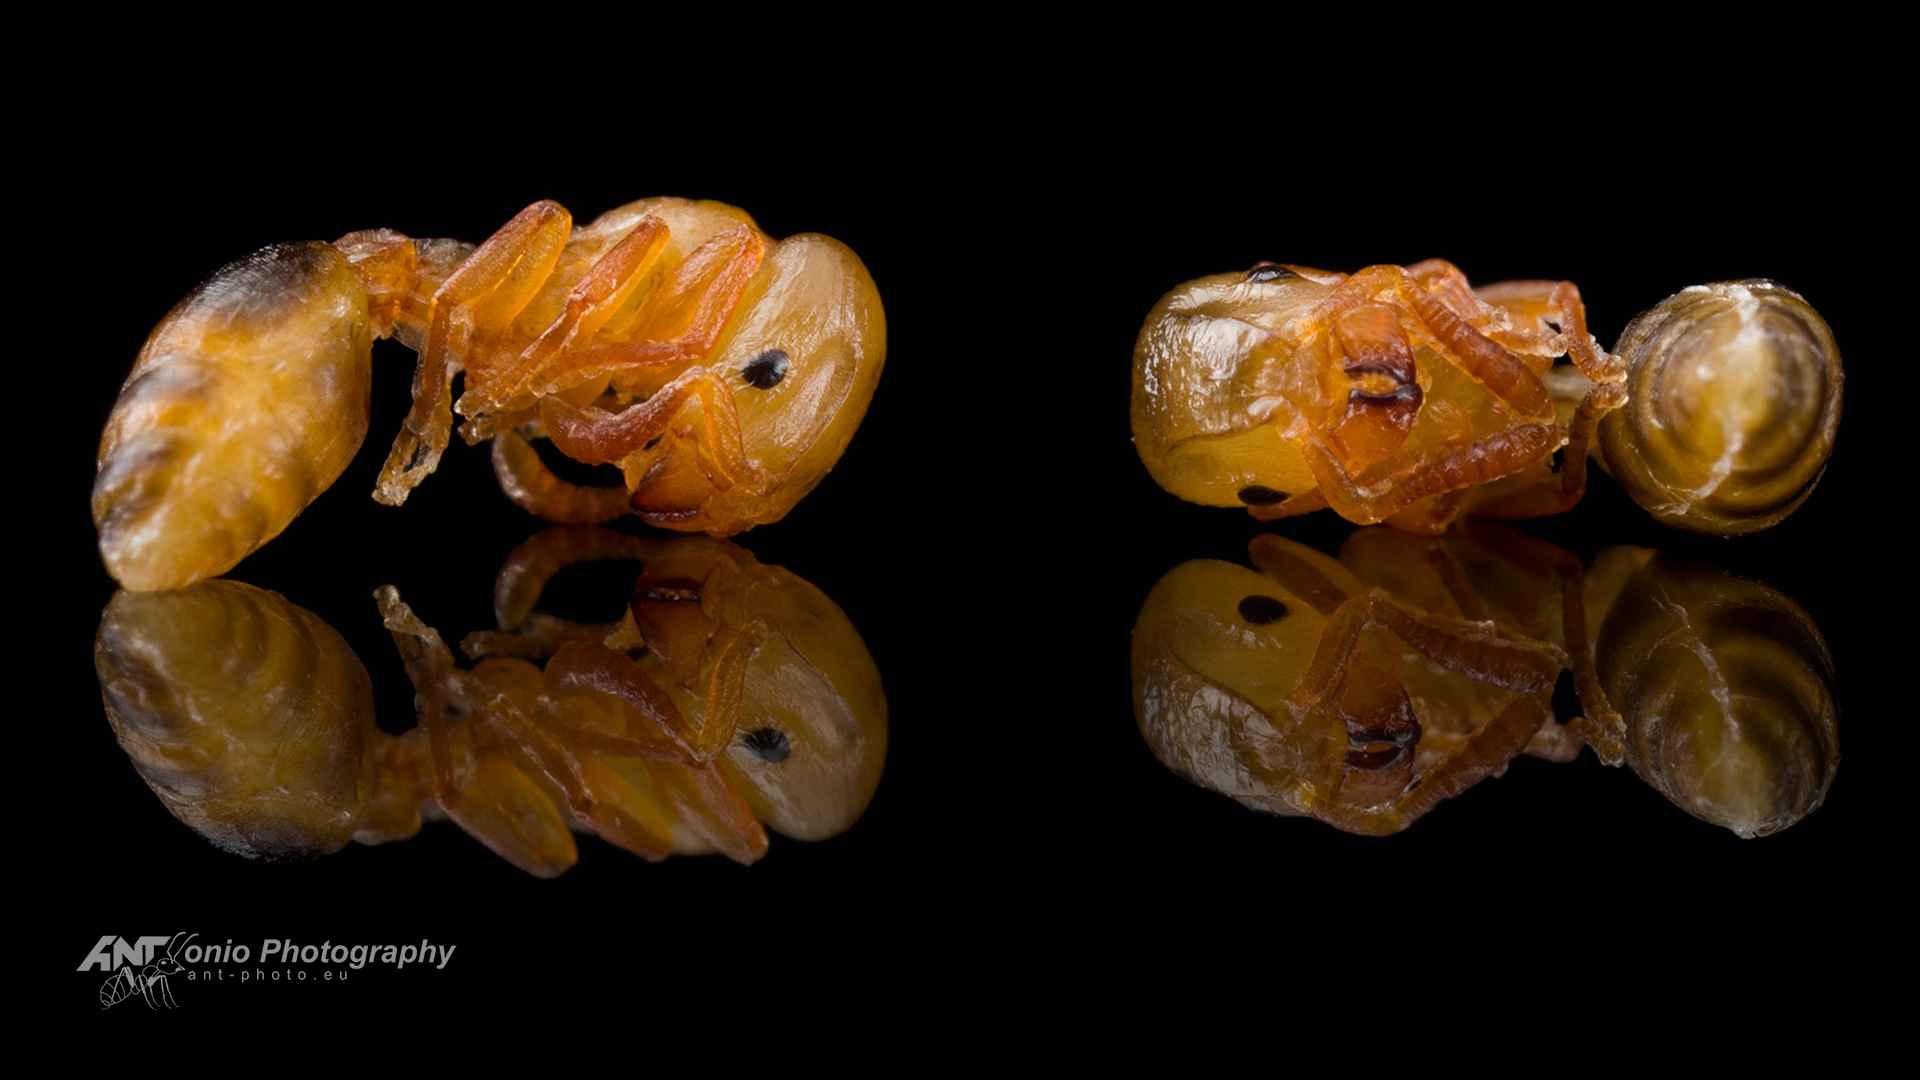 Harpagoxenus sublaevis pupae